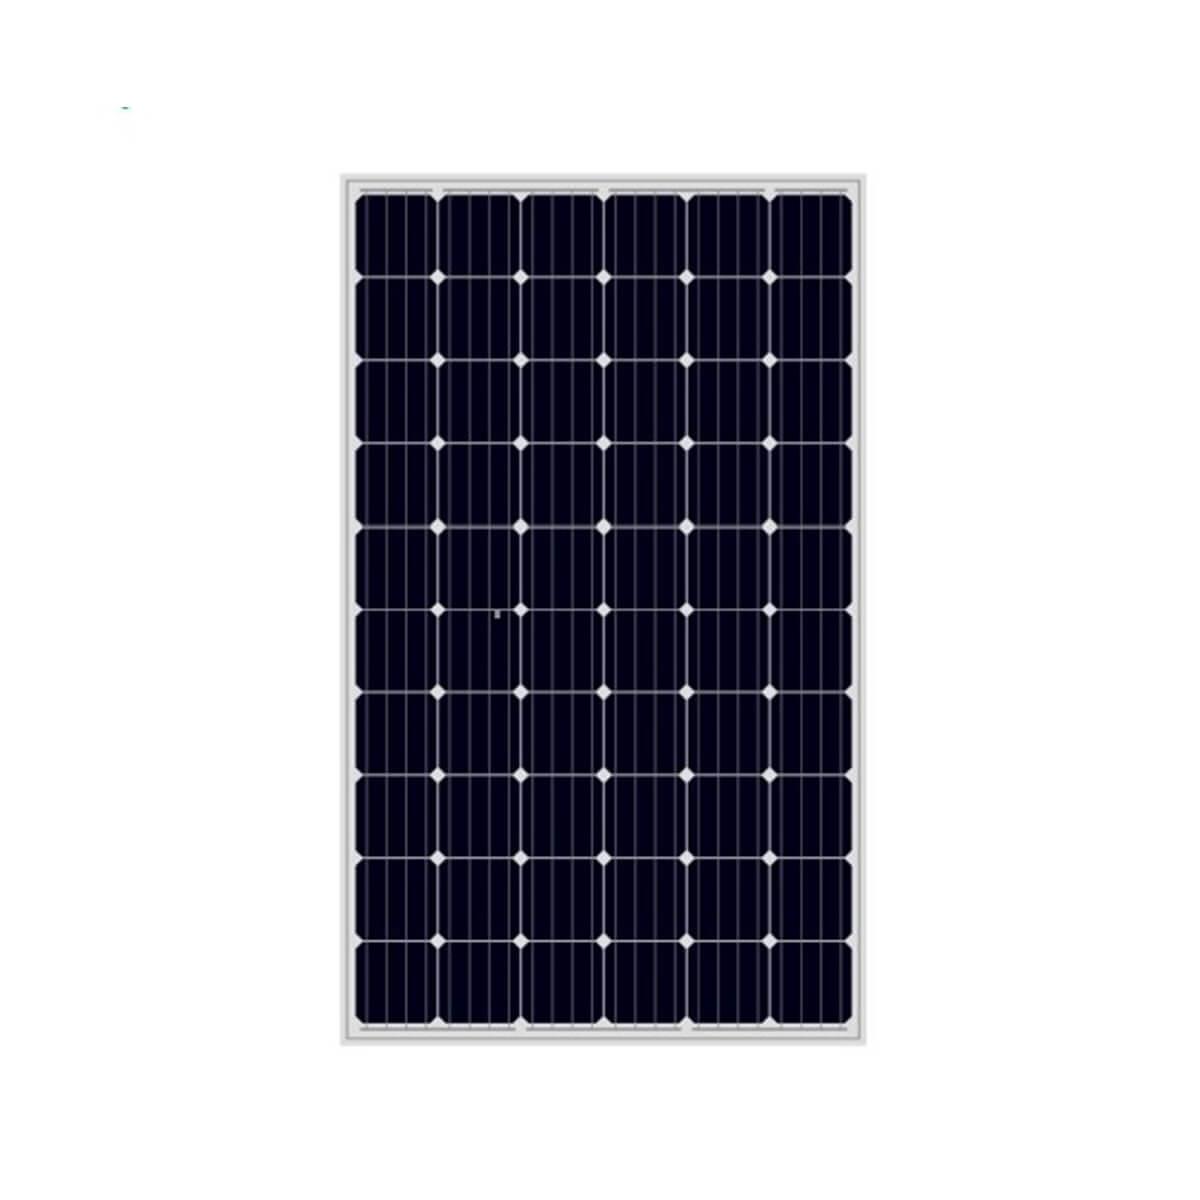 ht solar 320W panel, ht solar 320Watt panel, ht solar 320 W panel, ht solar 320 Watt panel, ht solar 320 Watt monokristal panel, ht solar 320 W watt gunes paneli, ht solar 320 W watt monokristal gunes paneli, ht solar 320 W Watt fotovoltaik monokristal solar panel, ht solar 320W monokristal gunes enerjisi, ht solar HT60-156M-320W panel, HT SOLAR 320 WATT